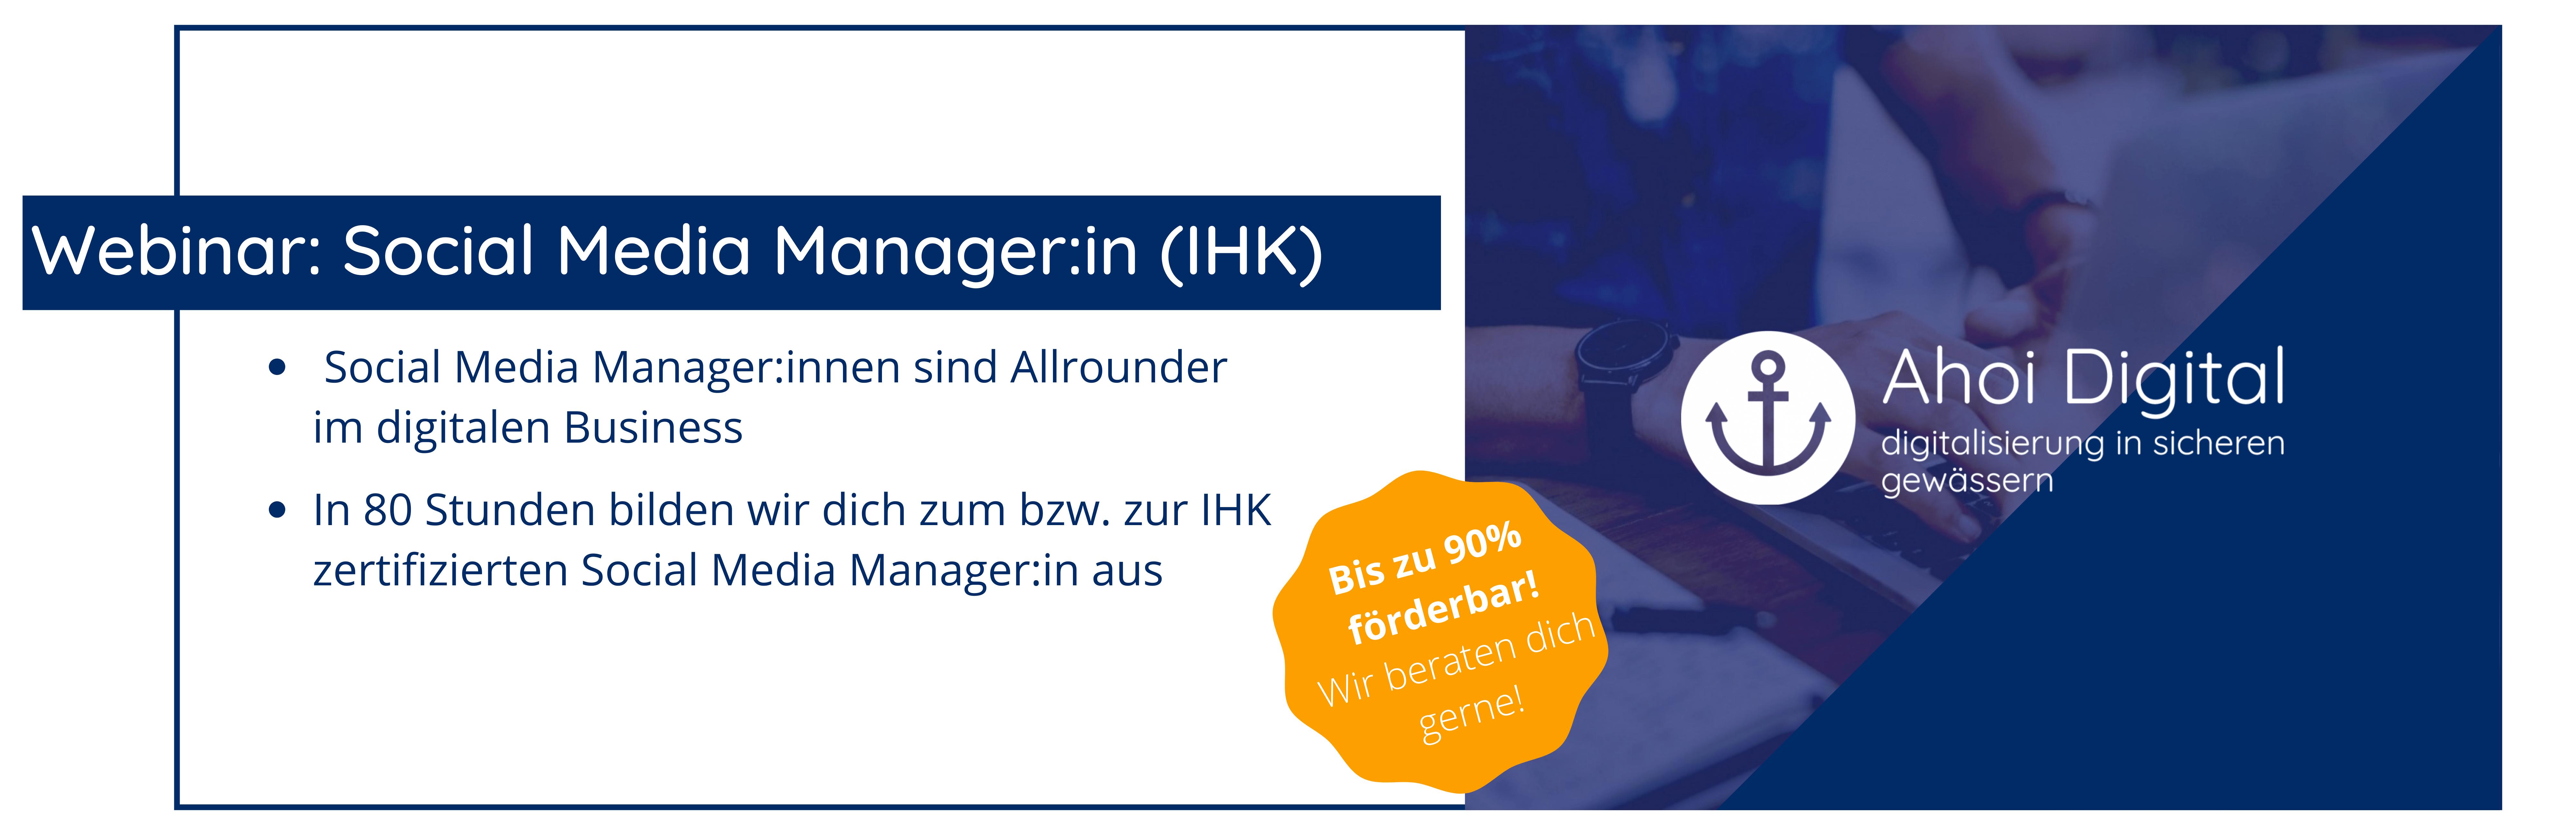 Werde Social Media Manager (IHK)! 2 - Social Media Agentur aus Oldenburg Social Media Agentur aus Oldenburg